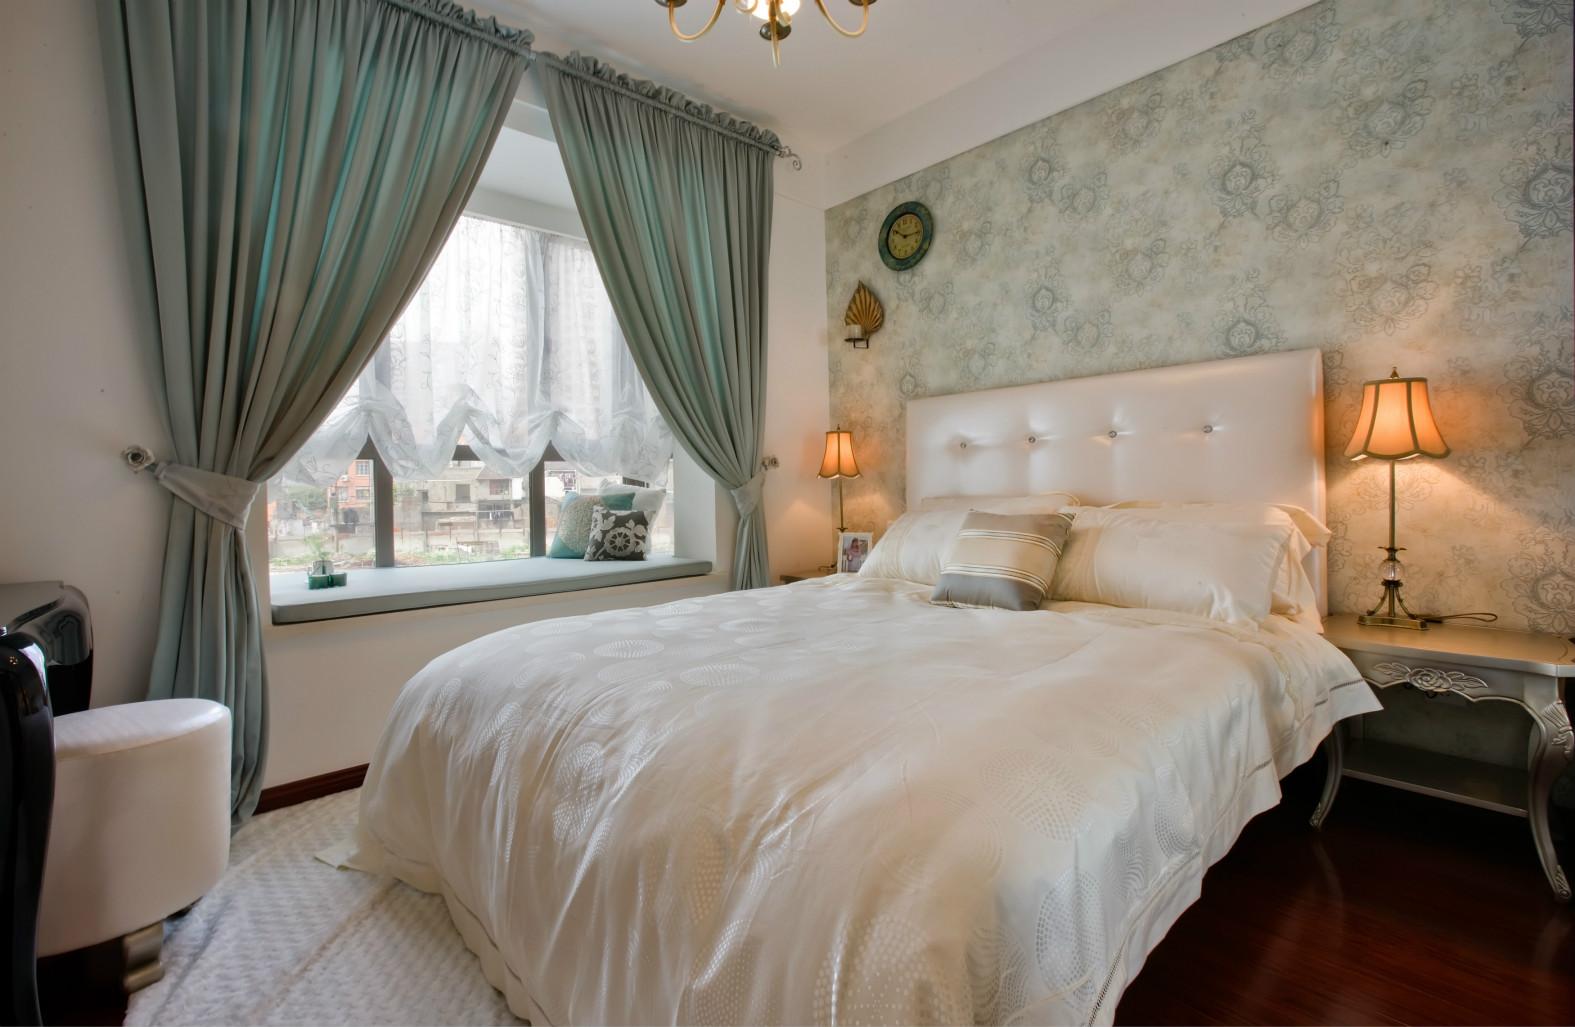 主卧室延伸整体的木地板,床头背景是花色的,点缀两盏壁灯,画面十分好看